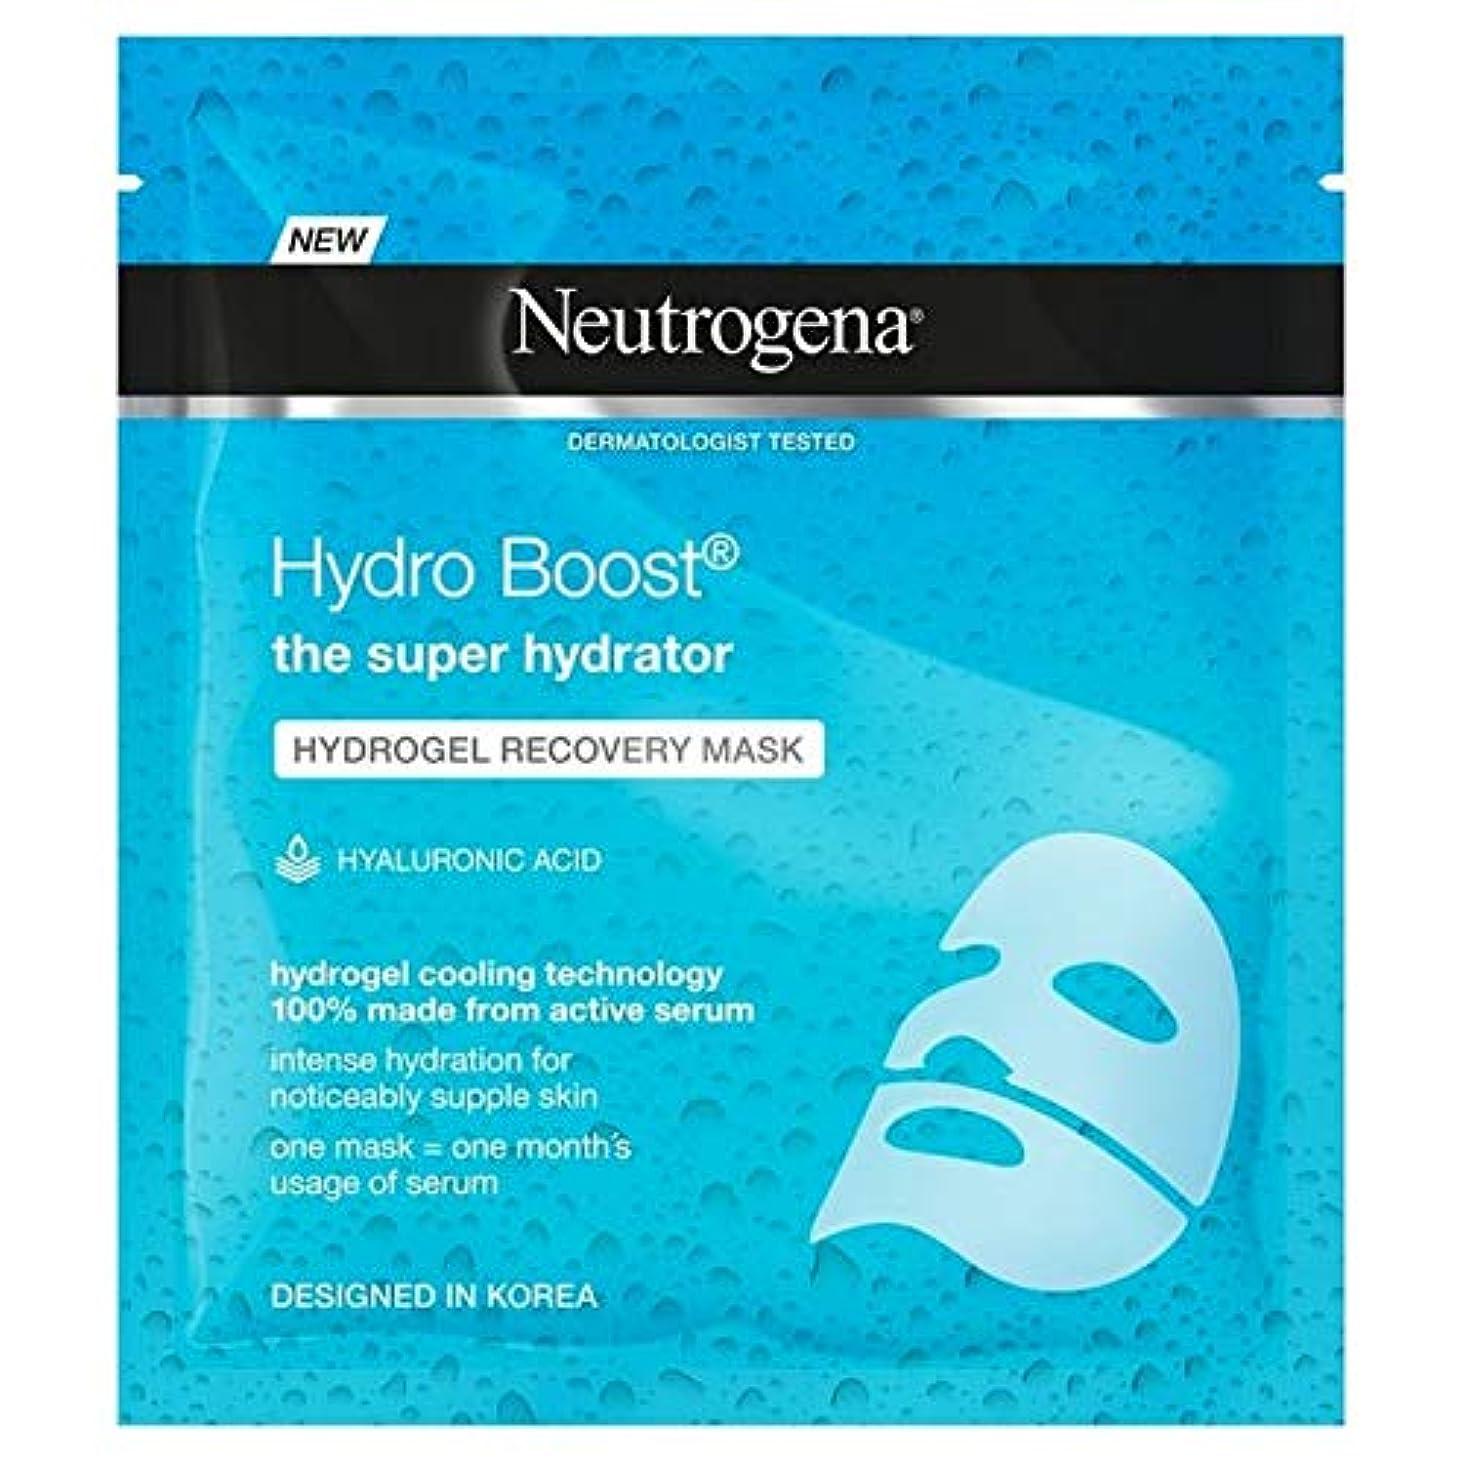 チャームスーダン未知の[Neutrogena] ニュートロジーナ水力発電はハイドロゲルマスク30ミリリットルを後押し - Neutrogena Hydro Boost Hydrogel Mask 30ml [並行輸入品]